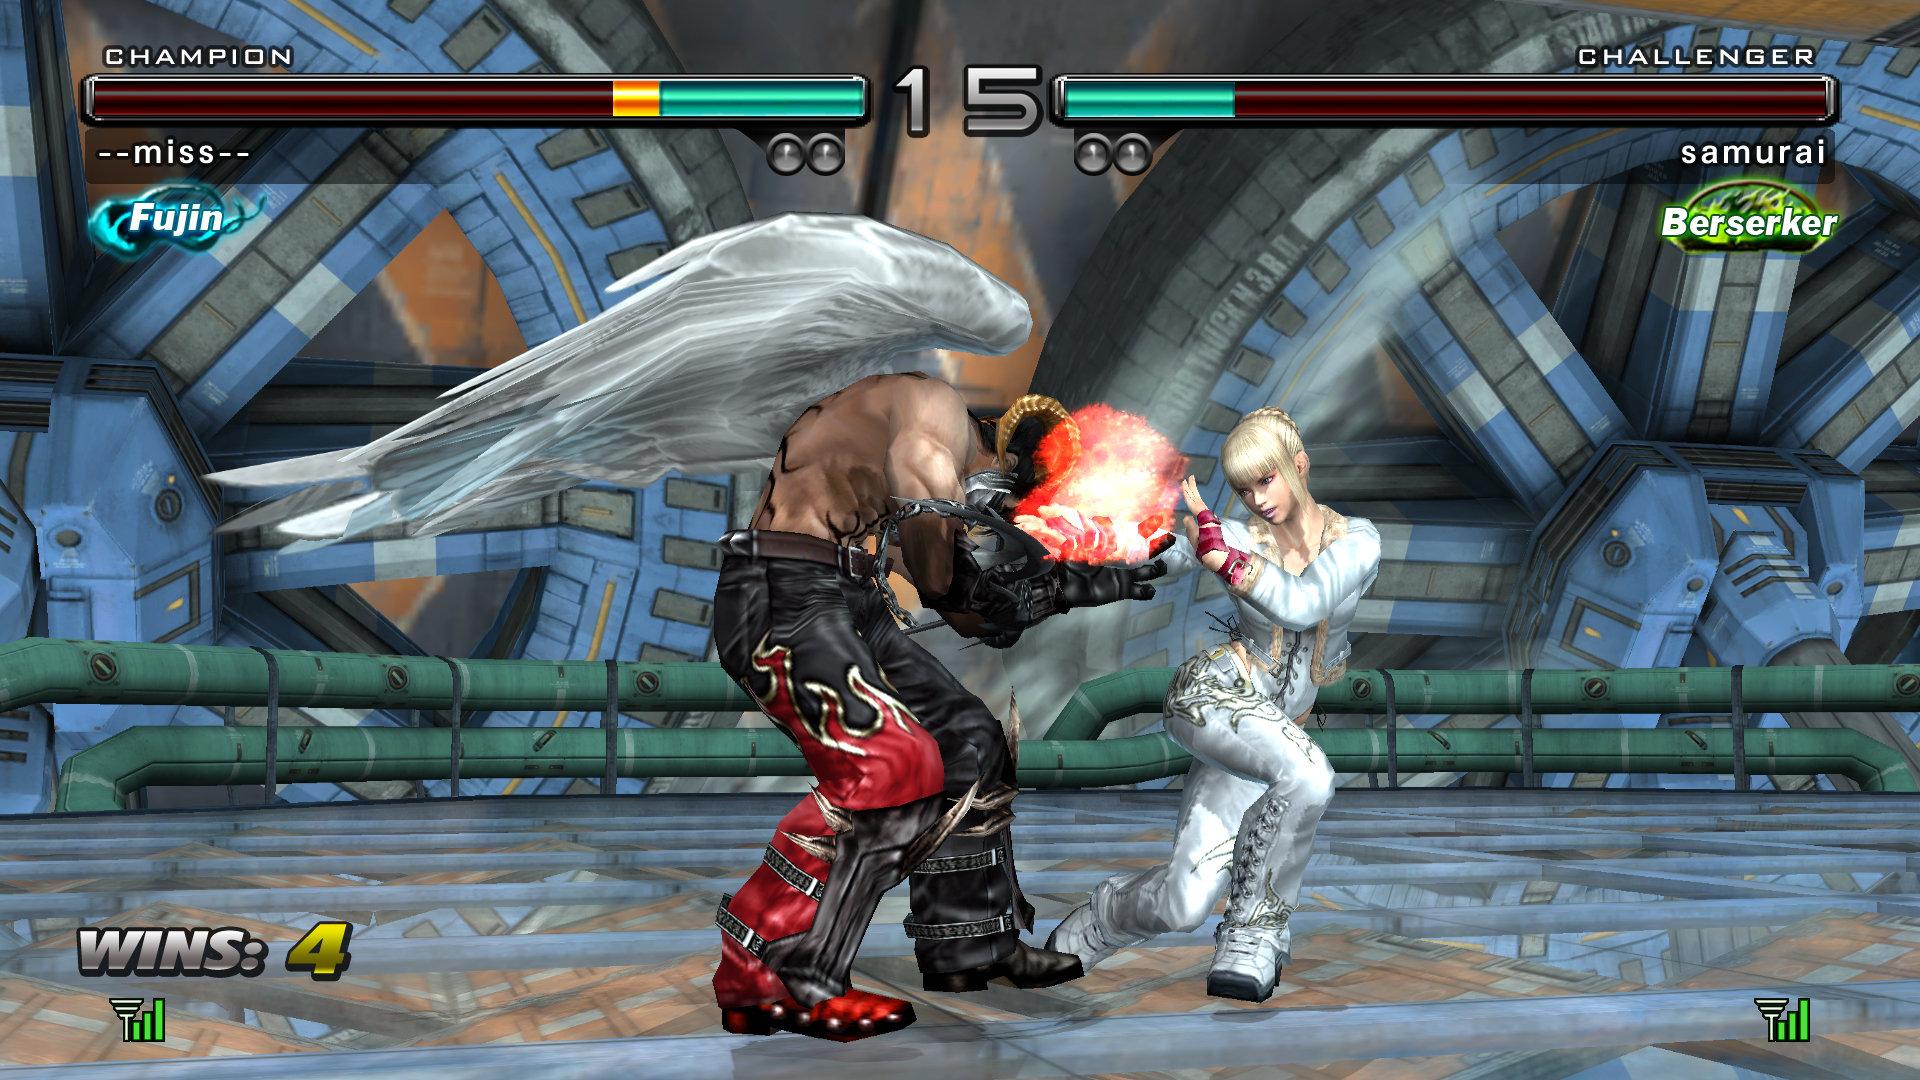 Tekken 5 Wallpapers Video Game Hq Tekken 5 Pictures 4k